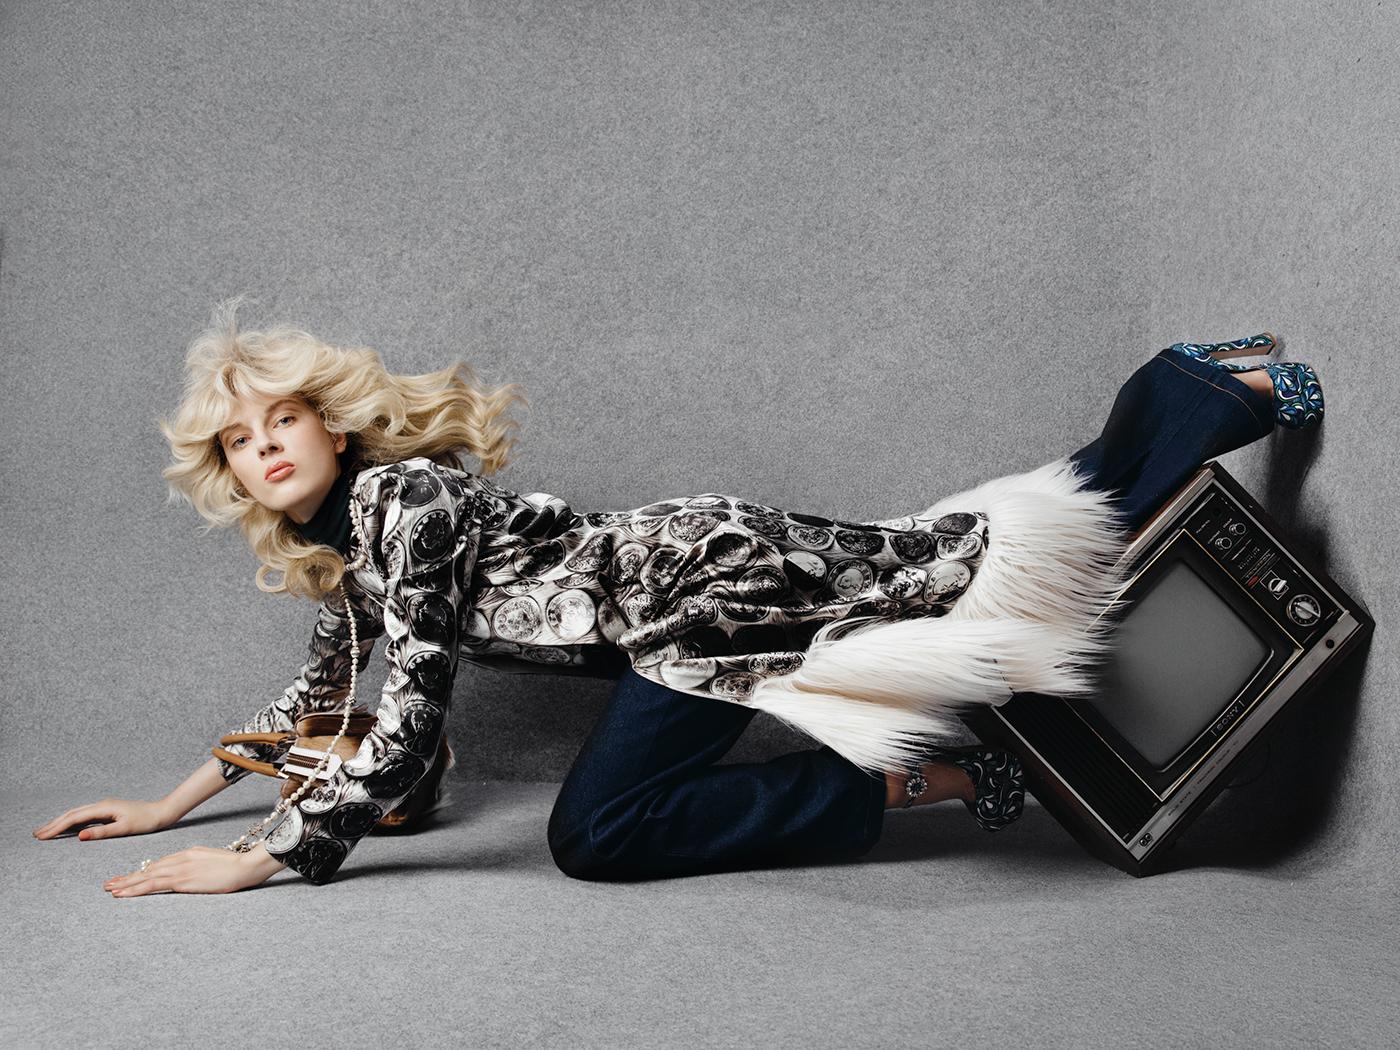 From the 70's для The Claw Fashionbook #3 / фотограф Tatiana Dumabin